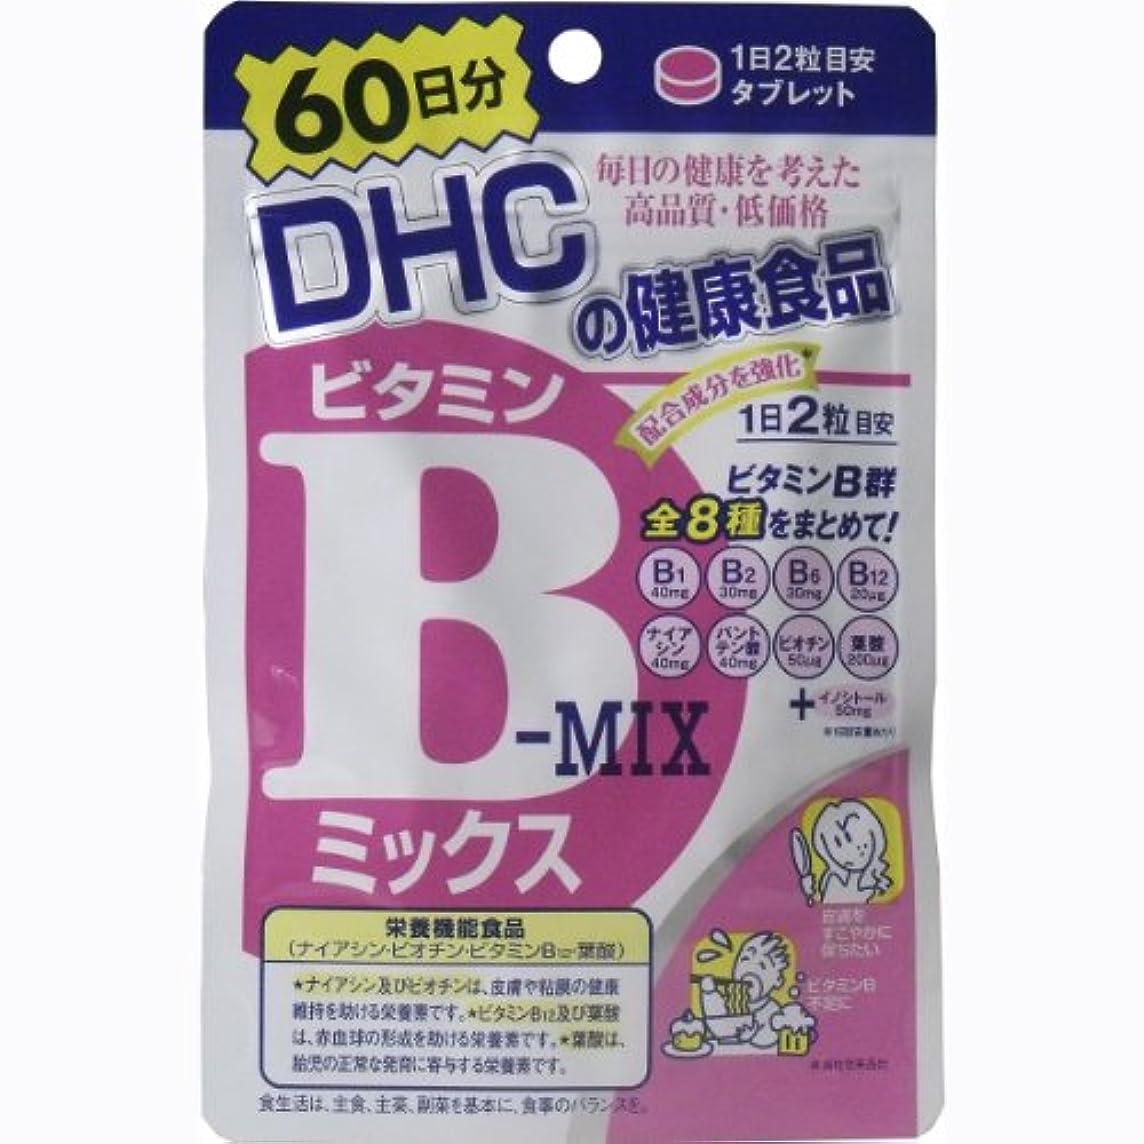 抜け目のない酸化物パトワDHC ビタミンBミックス 120粒 60日分「5点セット」